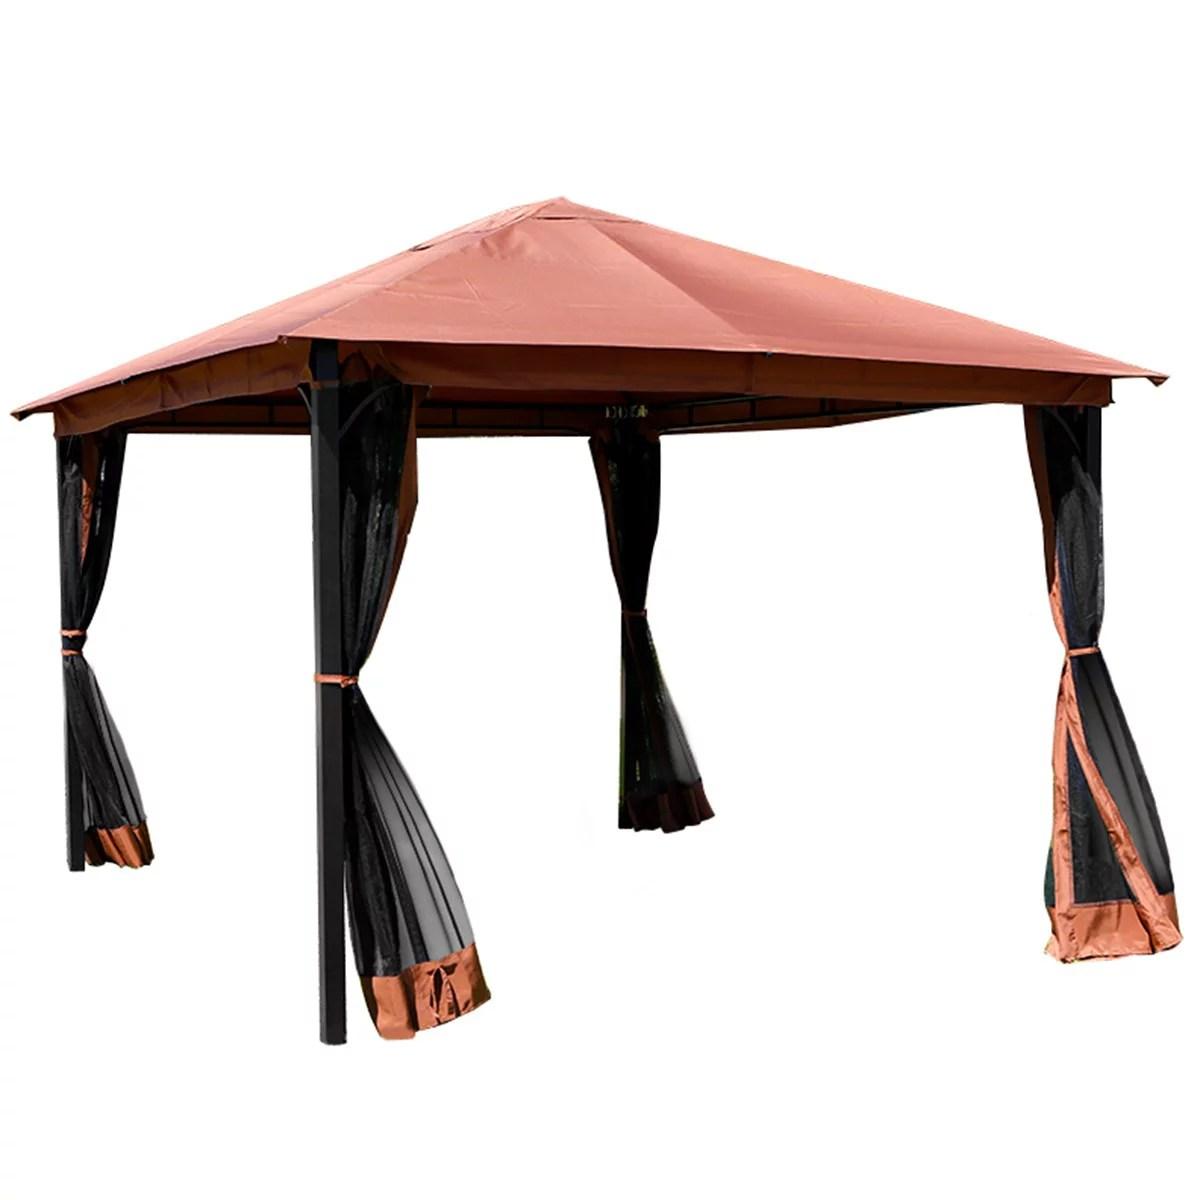 10 x 12 outdoor backyard regency patio canopy gazebo tent with netting